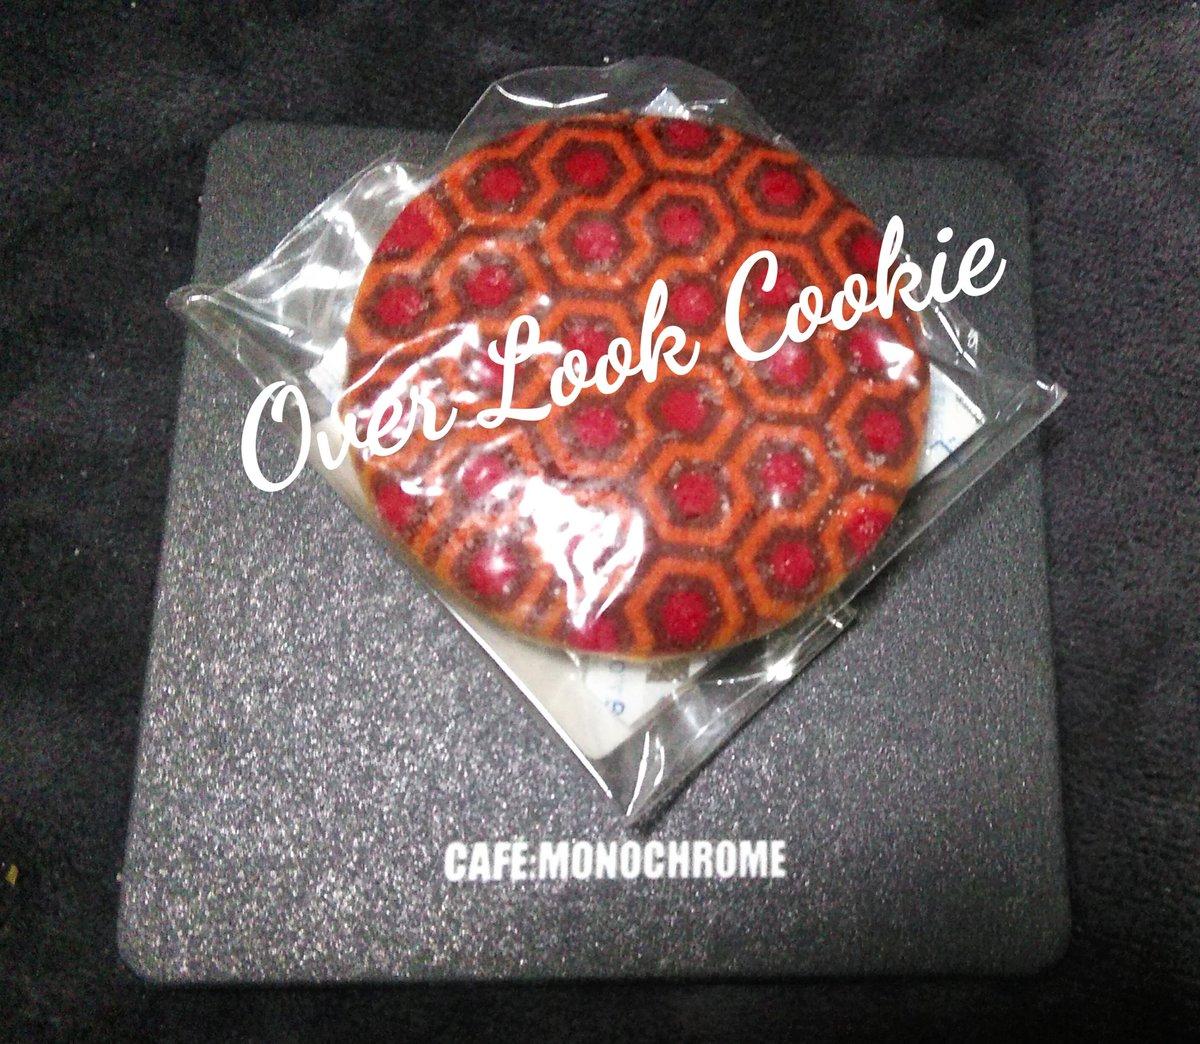 """@cafemonochrome  #MonochromeDay キューブリッククッキー どれもデザインがクール!!  まだ全編観てるのはシャイニングのみ…とゆー""""常連を名乗れるのか?!""""状態の私ですが…(笑)  クッキーはその唯一観てる Over Look デザインのヤツは 大切にとってあります♪ pic.twitter.com/xJ2hRj1Y4z"""